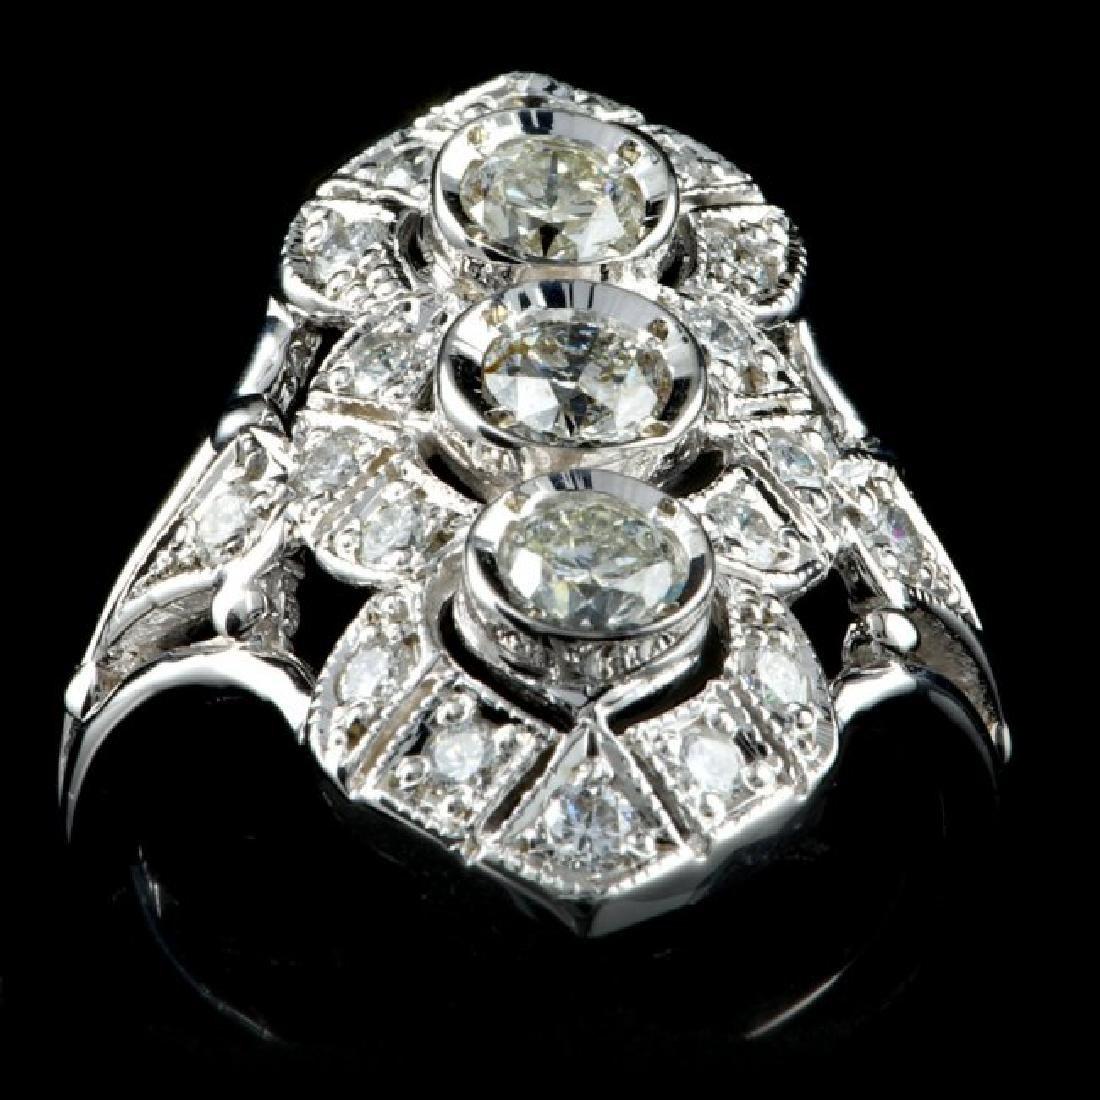 14k White Gold 1.50ct Diamond Ring - 3